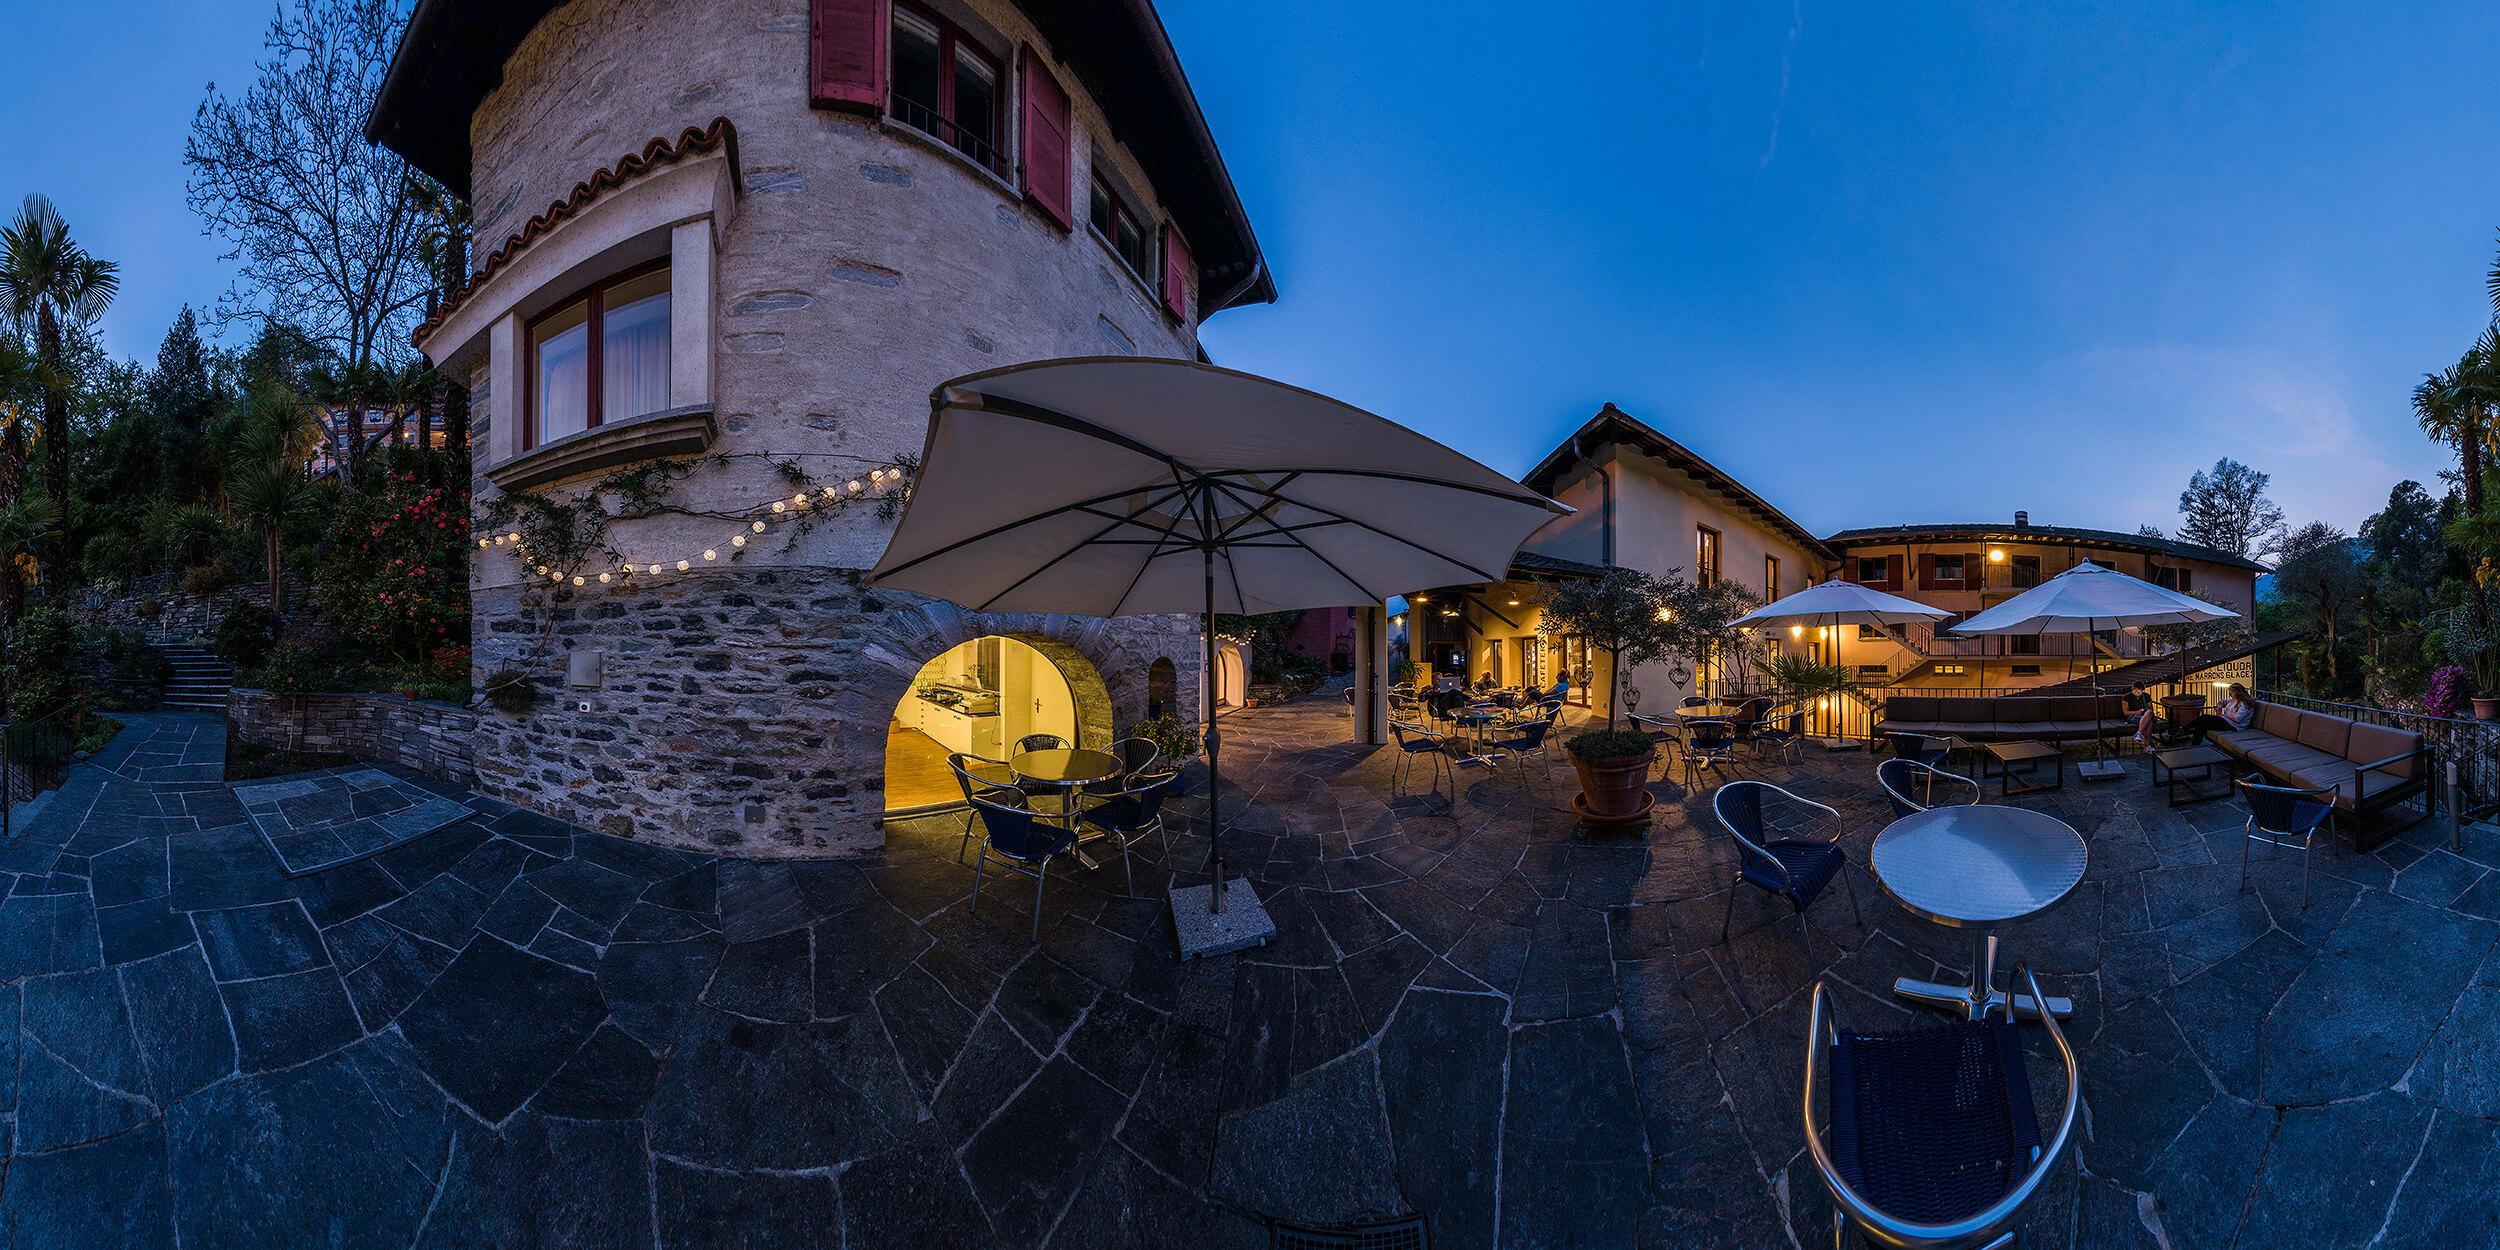 Wie bei der ganz normalen Fotografie ist auch bei der 360°-Panoramafotografie das Licht der essenzielle Faktor. Das Bild von der Piazza in der Casa Moscia in der Blue Hour lässt die Sehnsucht nach mediterranem Flair wach werden ...